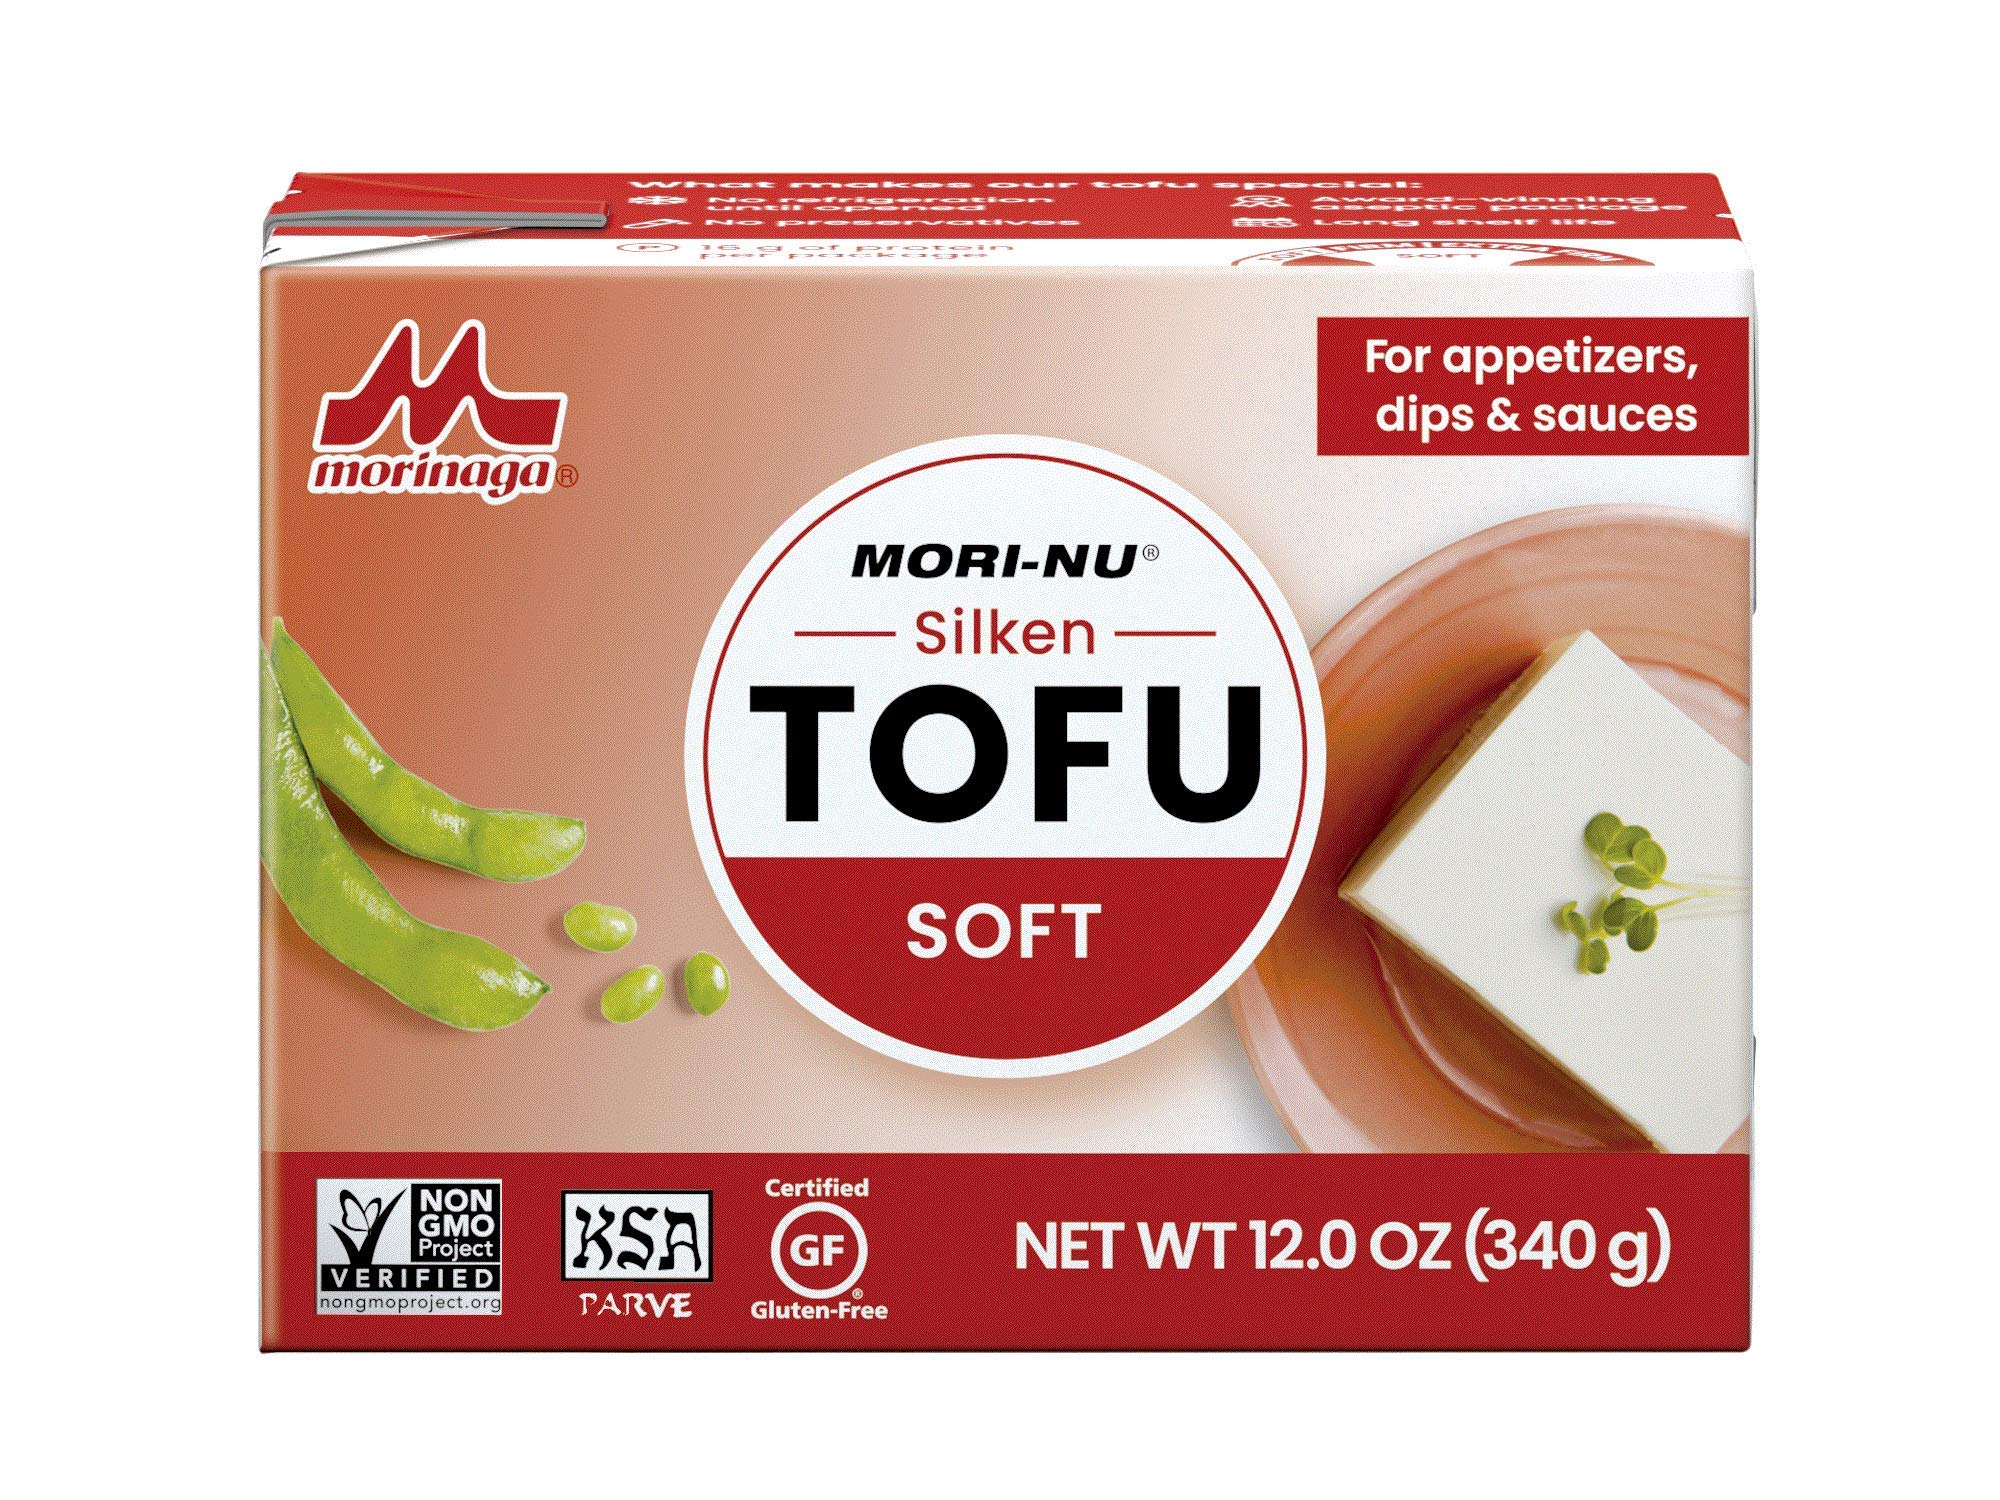 Mori-Nu Silken Soft Tofu 12oz x 12 Pack